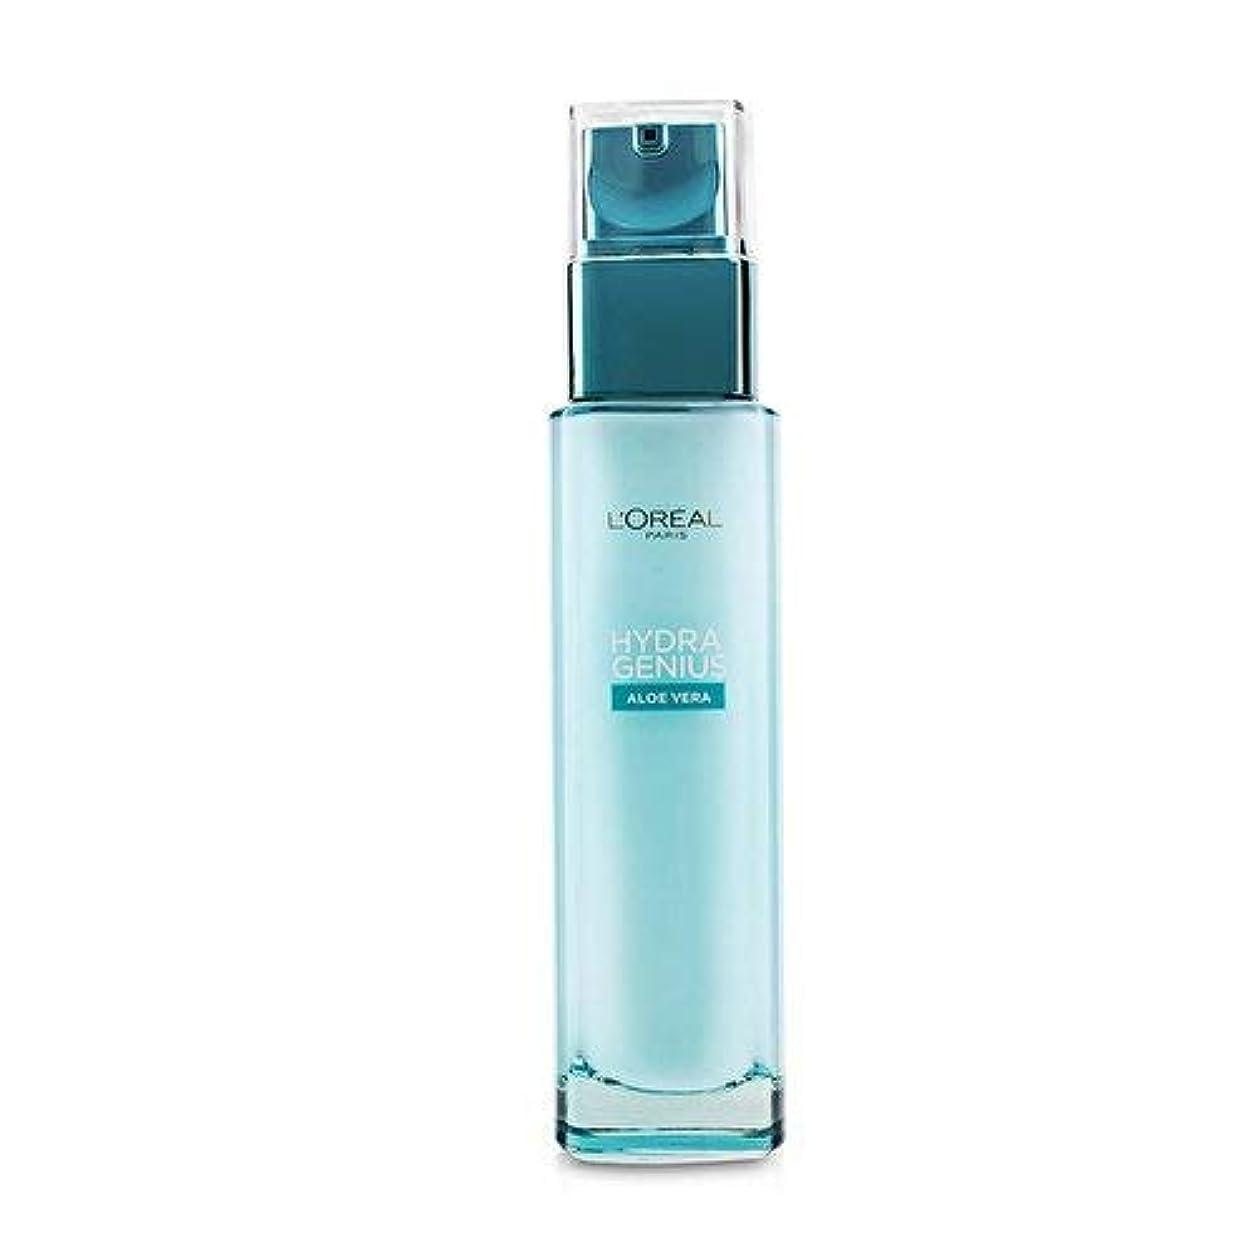 ロレアル Hydra Genius Aloe Vera Liquid Care - For Dry & Sensitive Skin 70ml/2.3oz並行輸入品